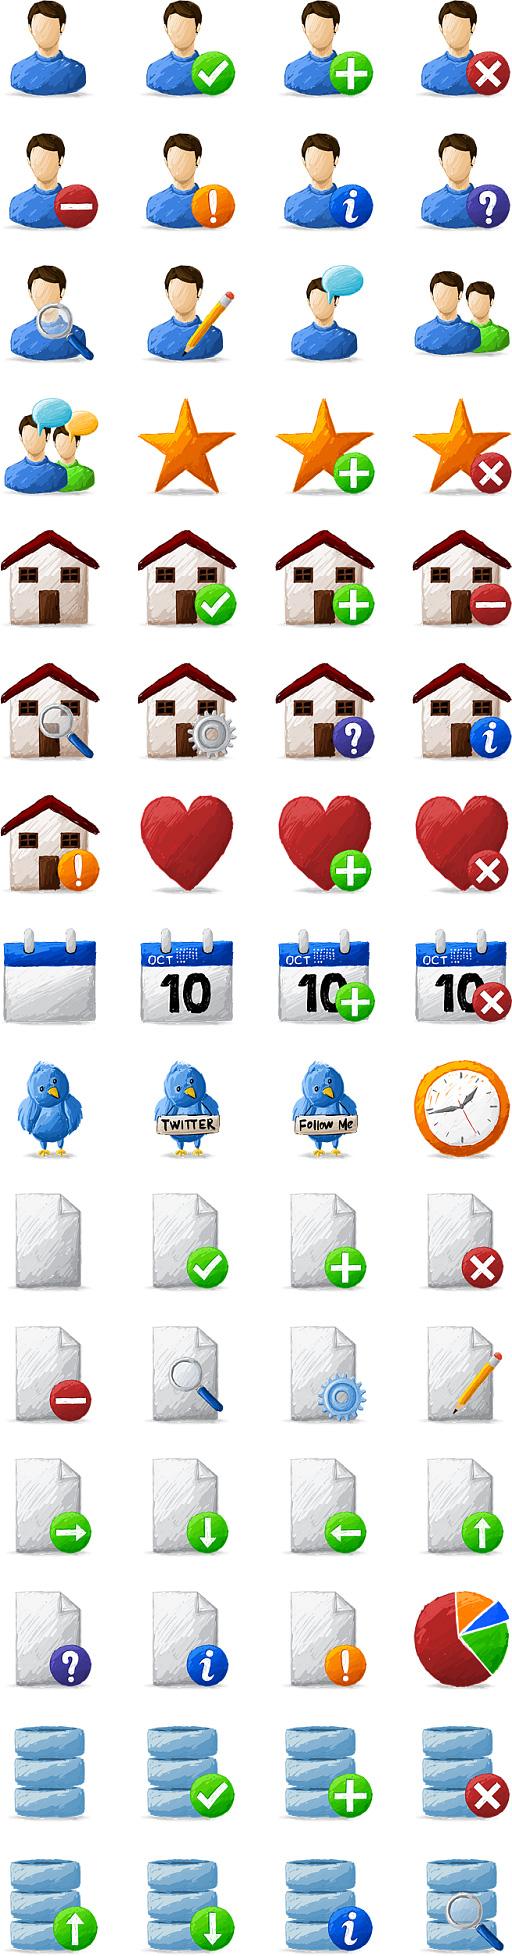 Artistica, twitter บ้าน ปัดเศษเค้ก ฐานข้อมูล สถิติ นาฬิกา เวลา